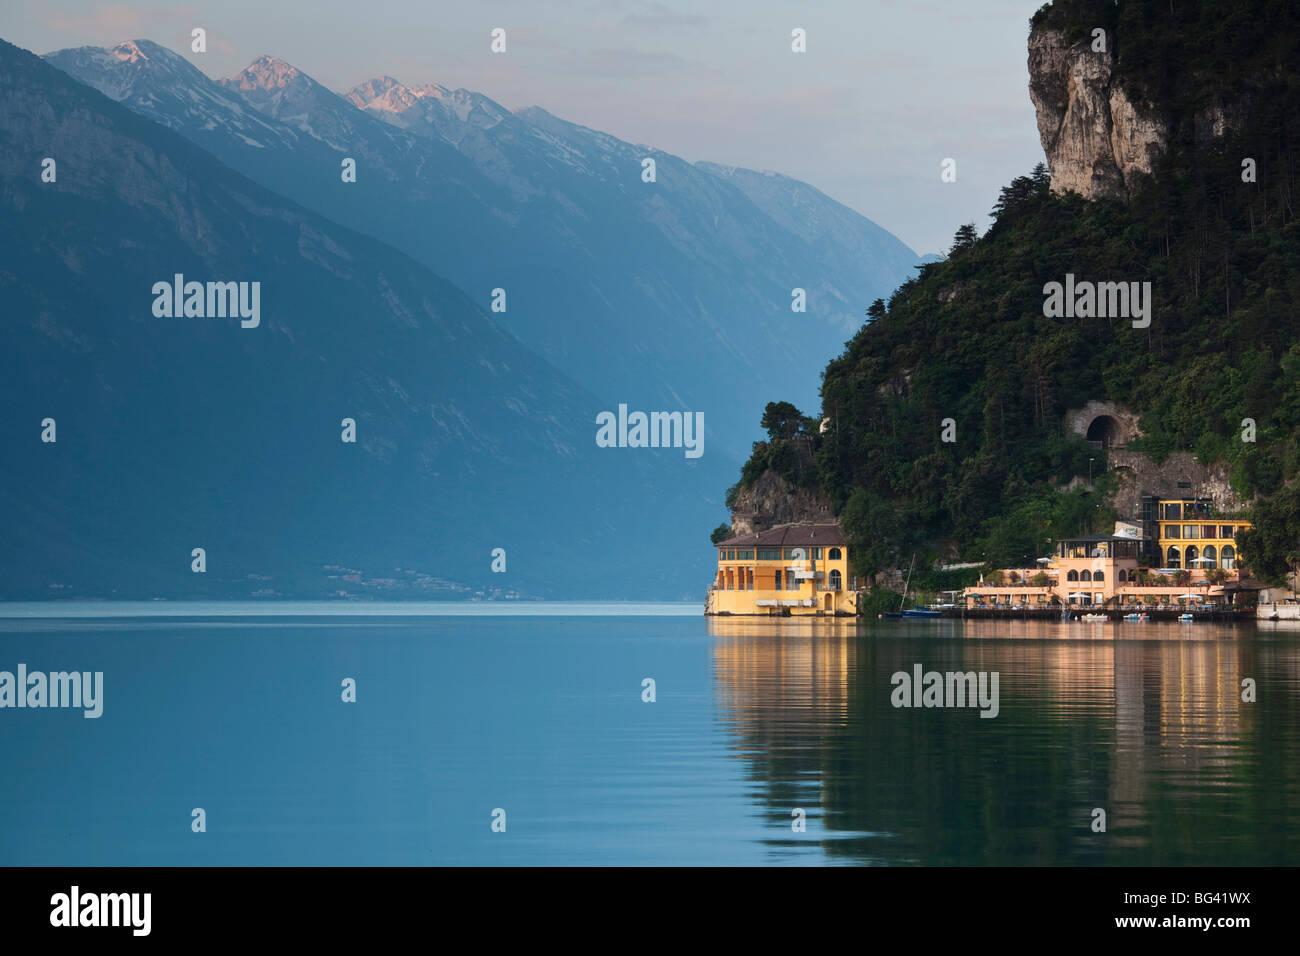 L'Italia, Trentino Alto Adige, il distretto dei laghi, il Lago di Garda, Riva del Garda, Hotel Excelsior a la Immagini Stock